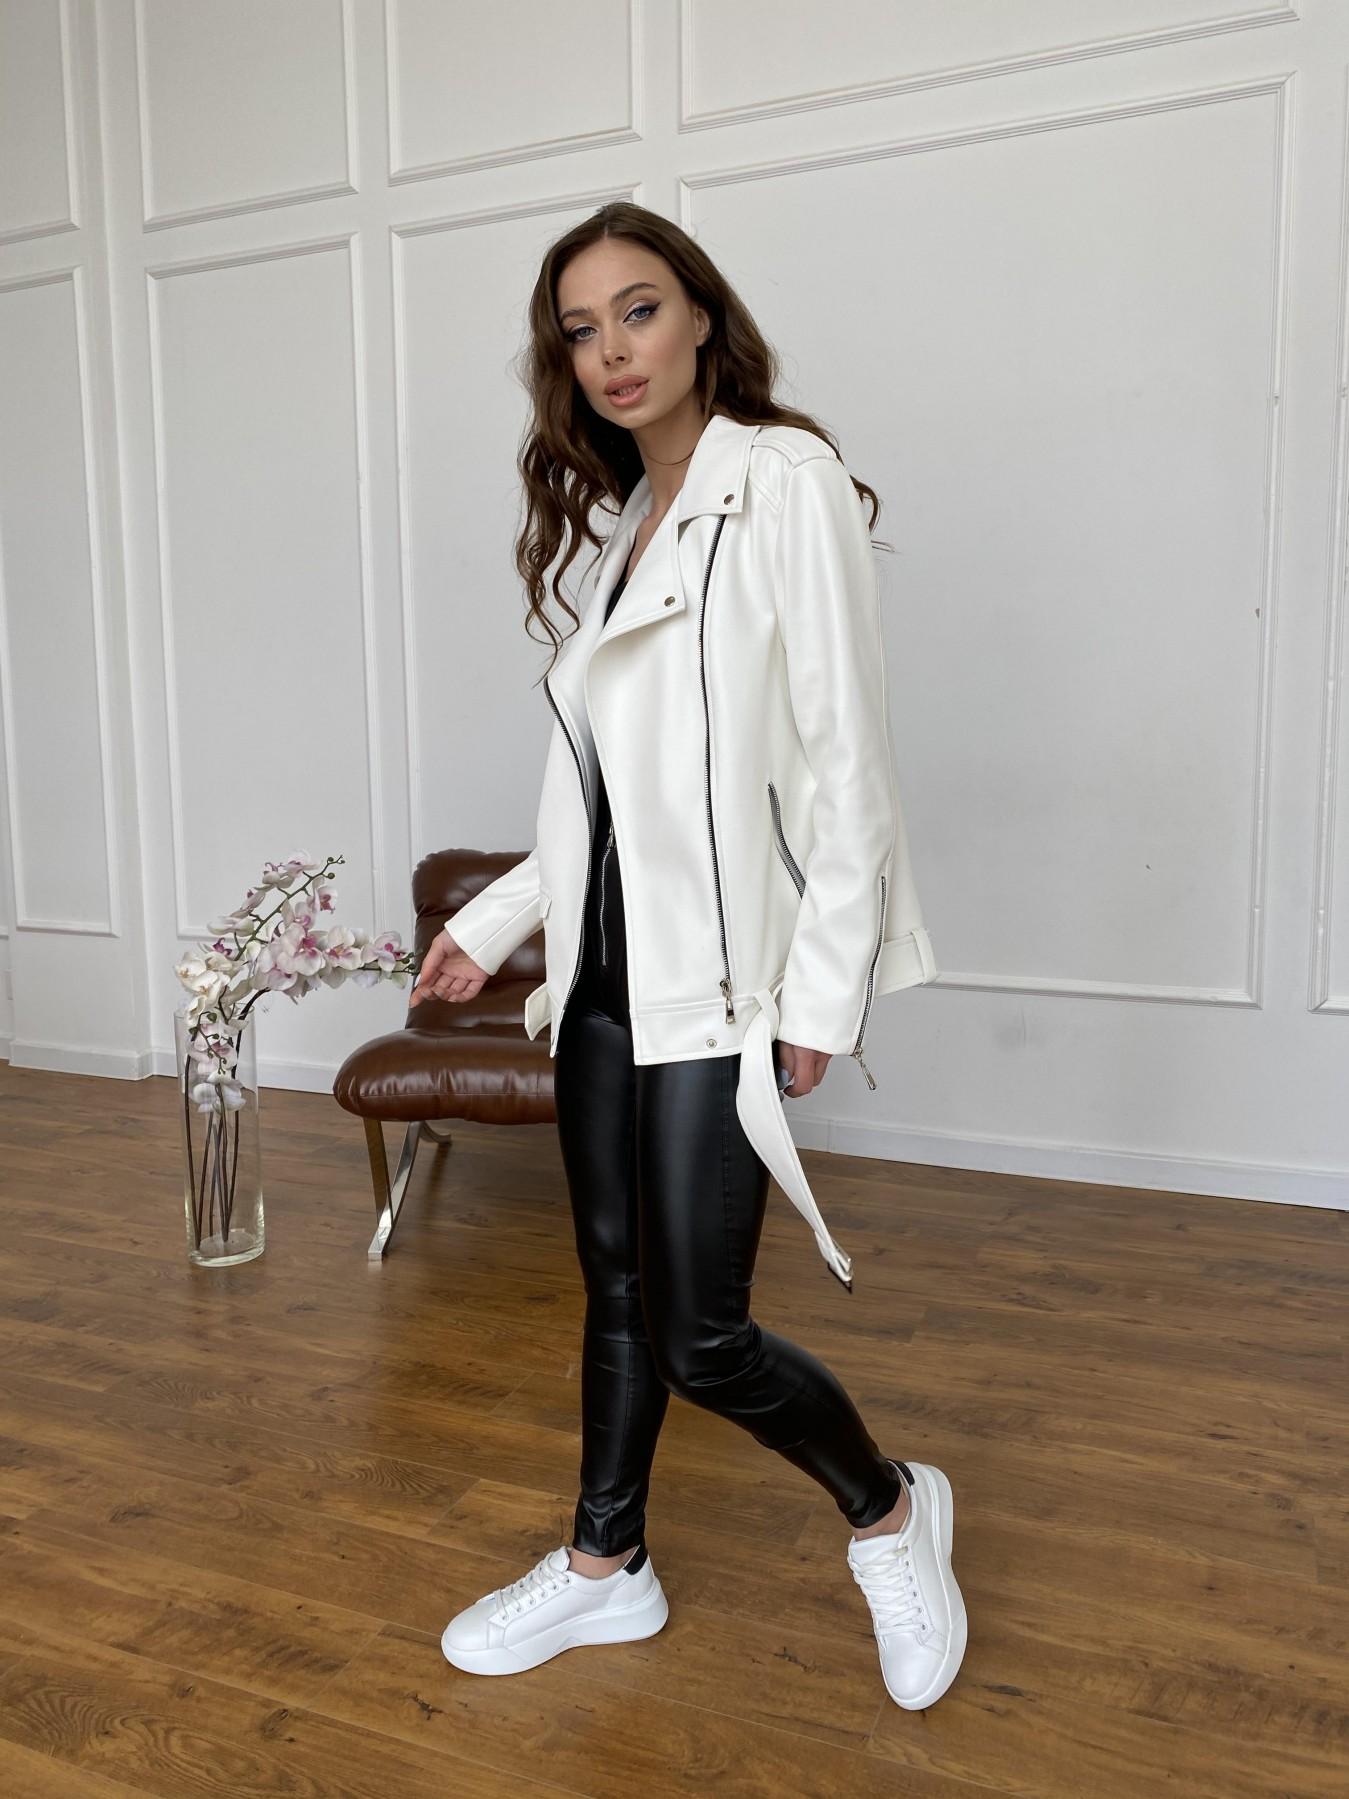 Босс куртка из экокожи прокатанной  11173 АРТ. 47683 Цвет: Молоко - фото 3, интернет магазин tm-modus.ru